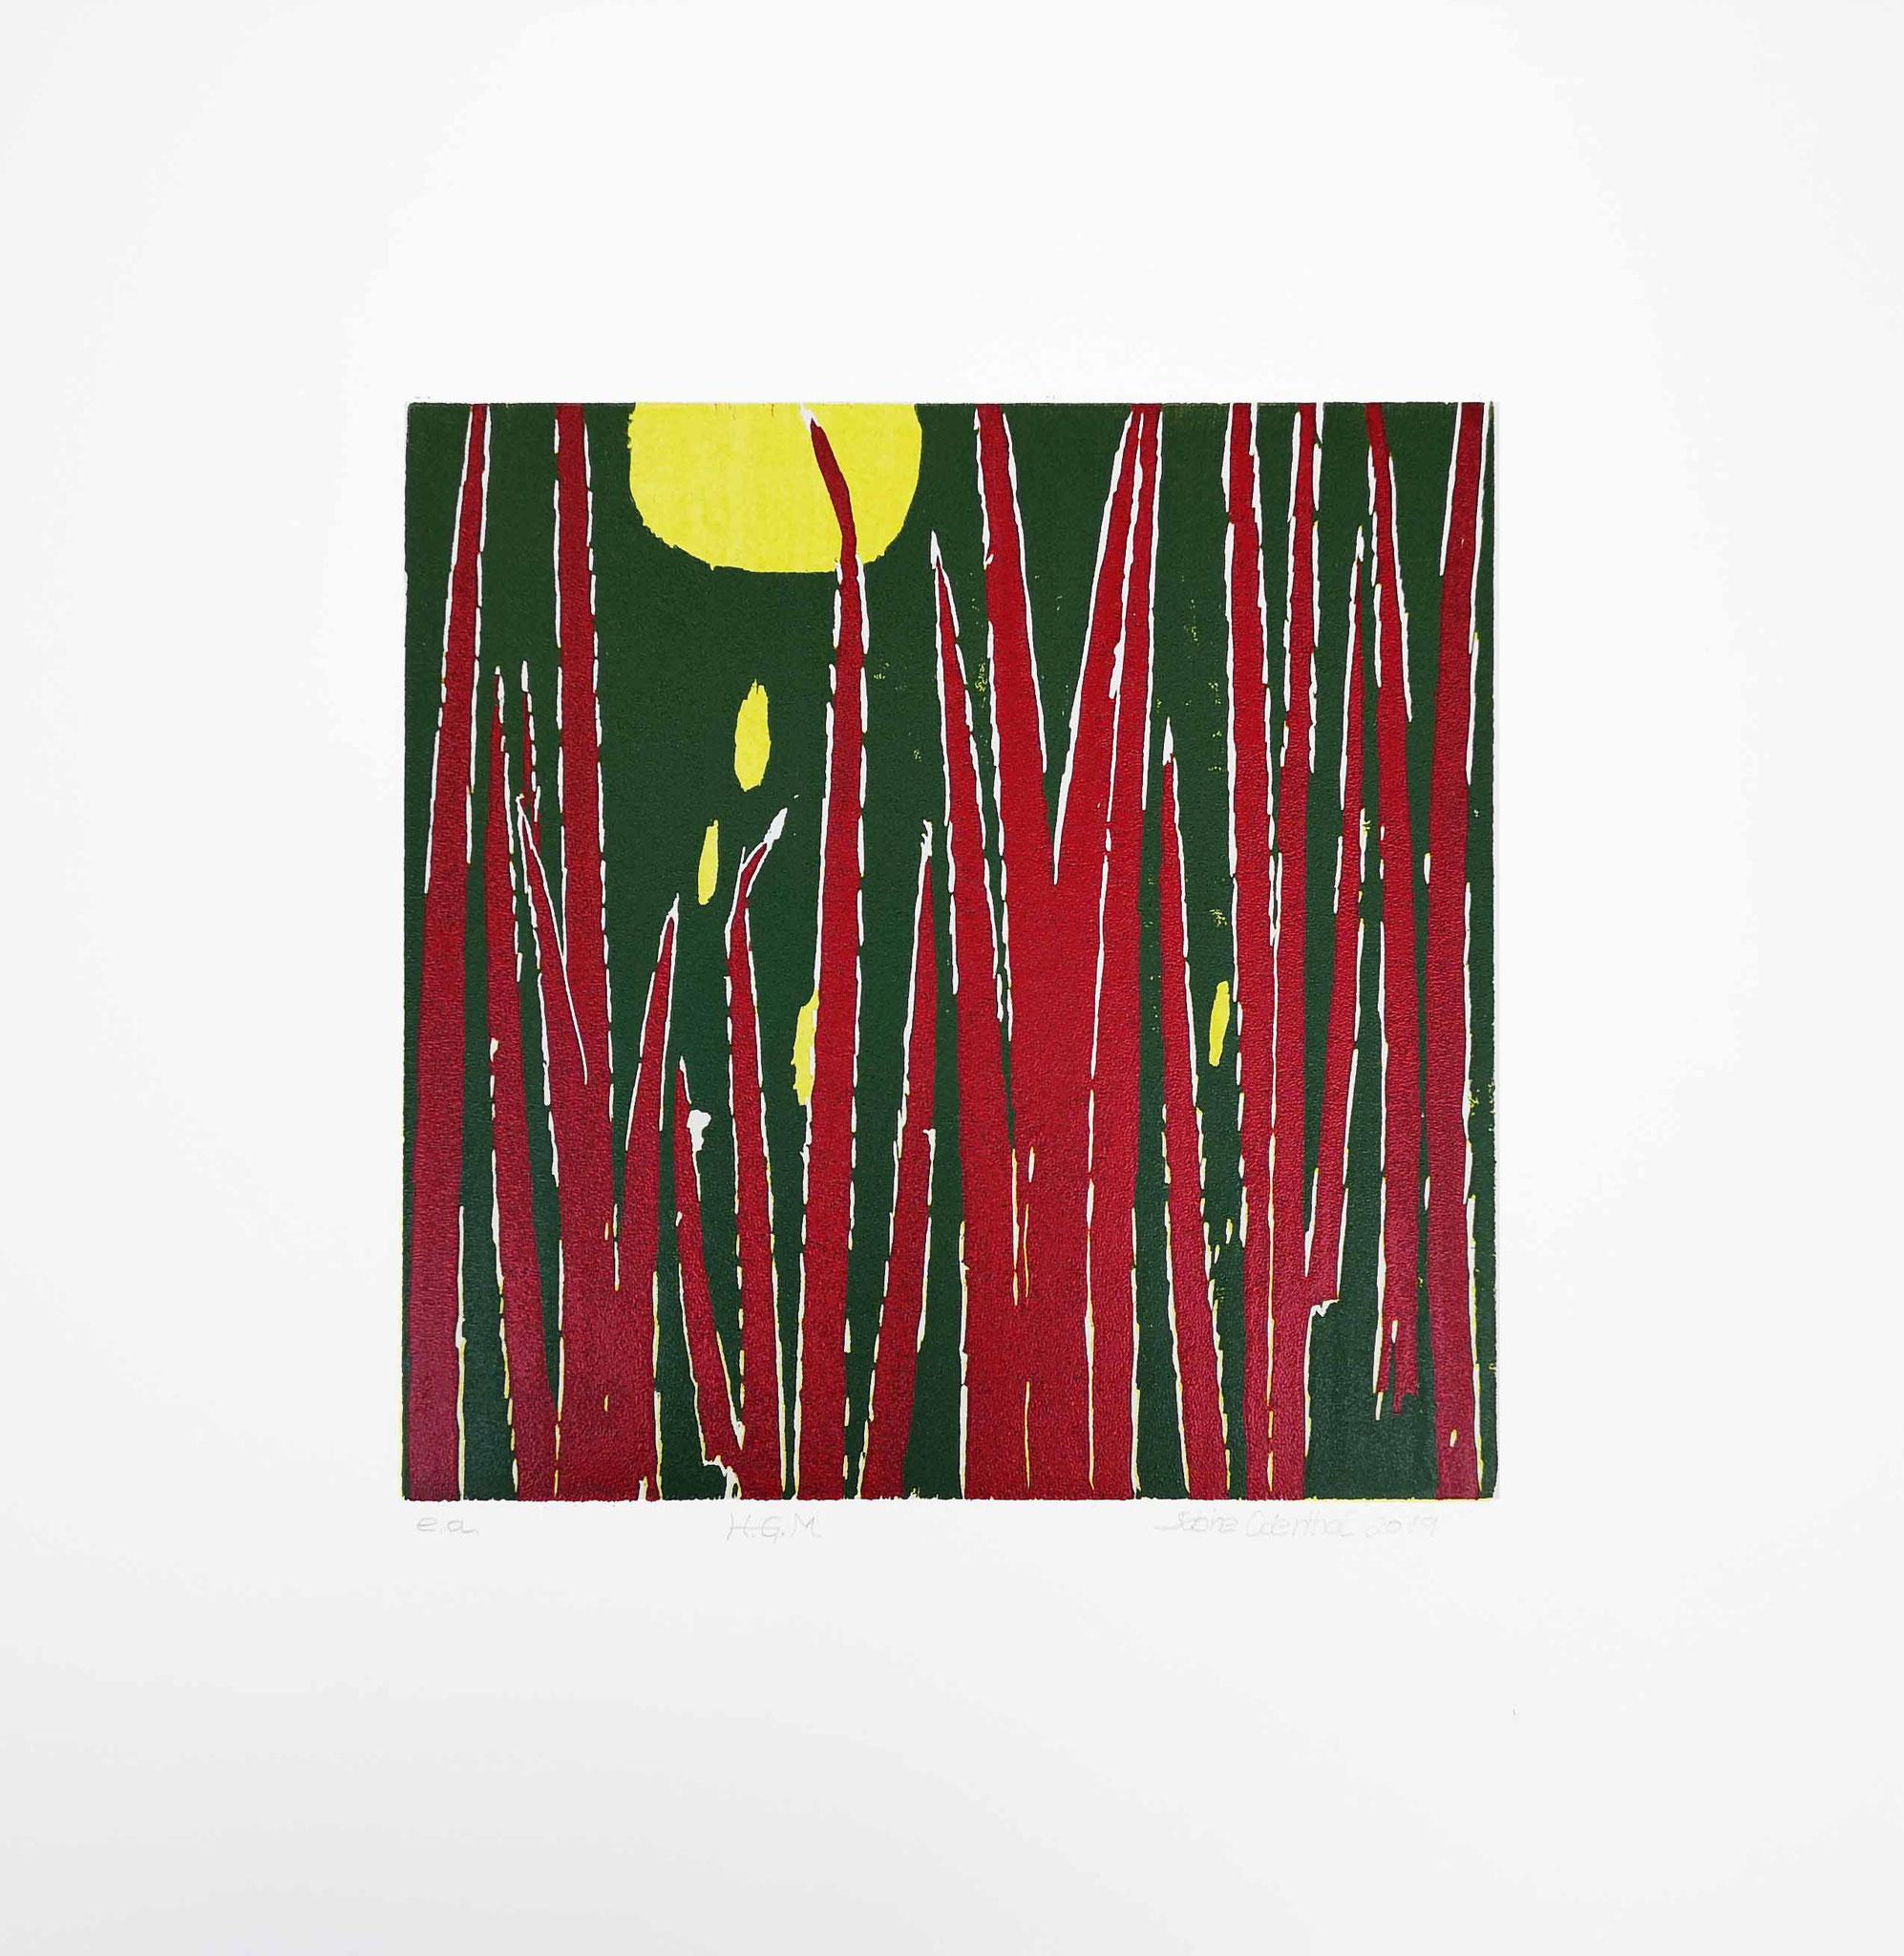 """""""H.G.M""""  Pflanzen Abstraktion  Farbholzschnitt 2019  26 cm x 26 cm  auf 50 cm x 50 cm"""